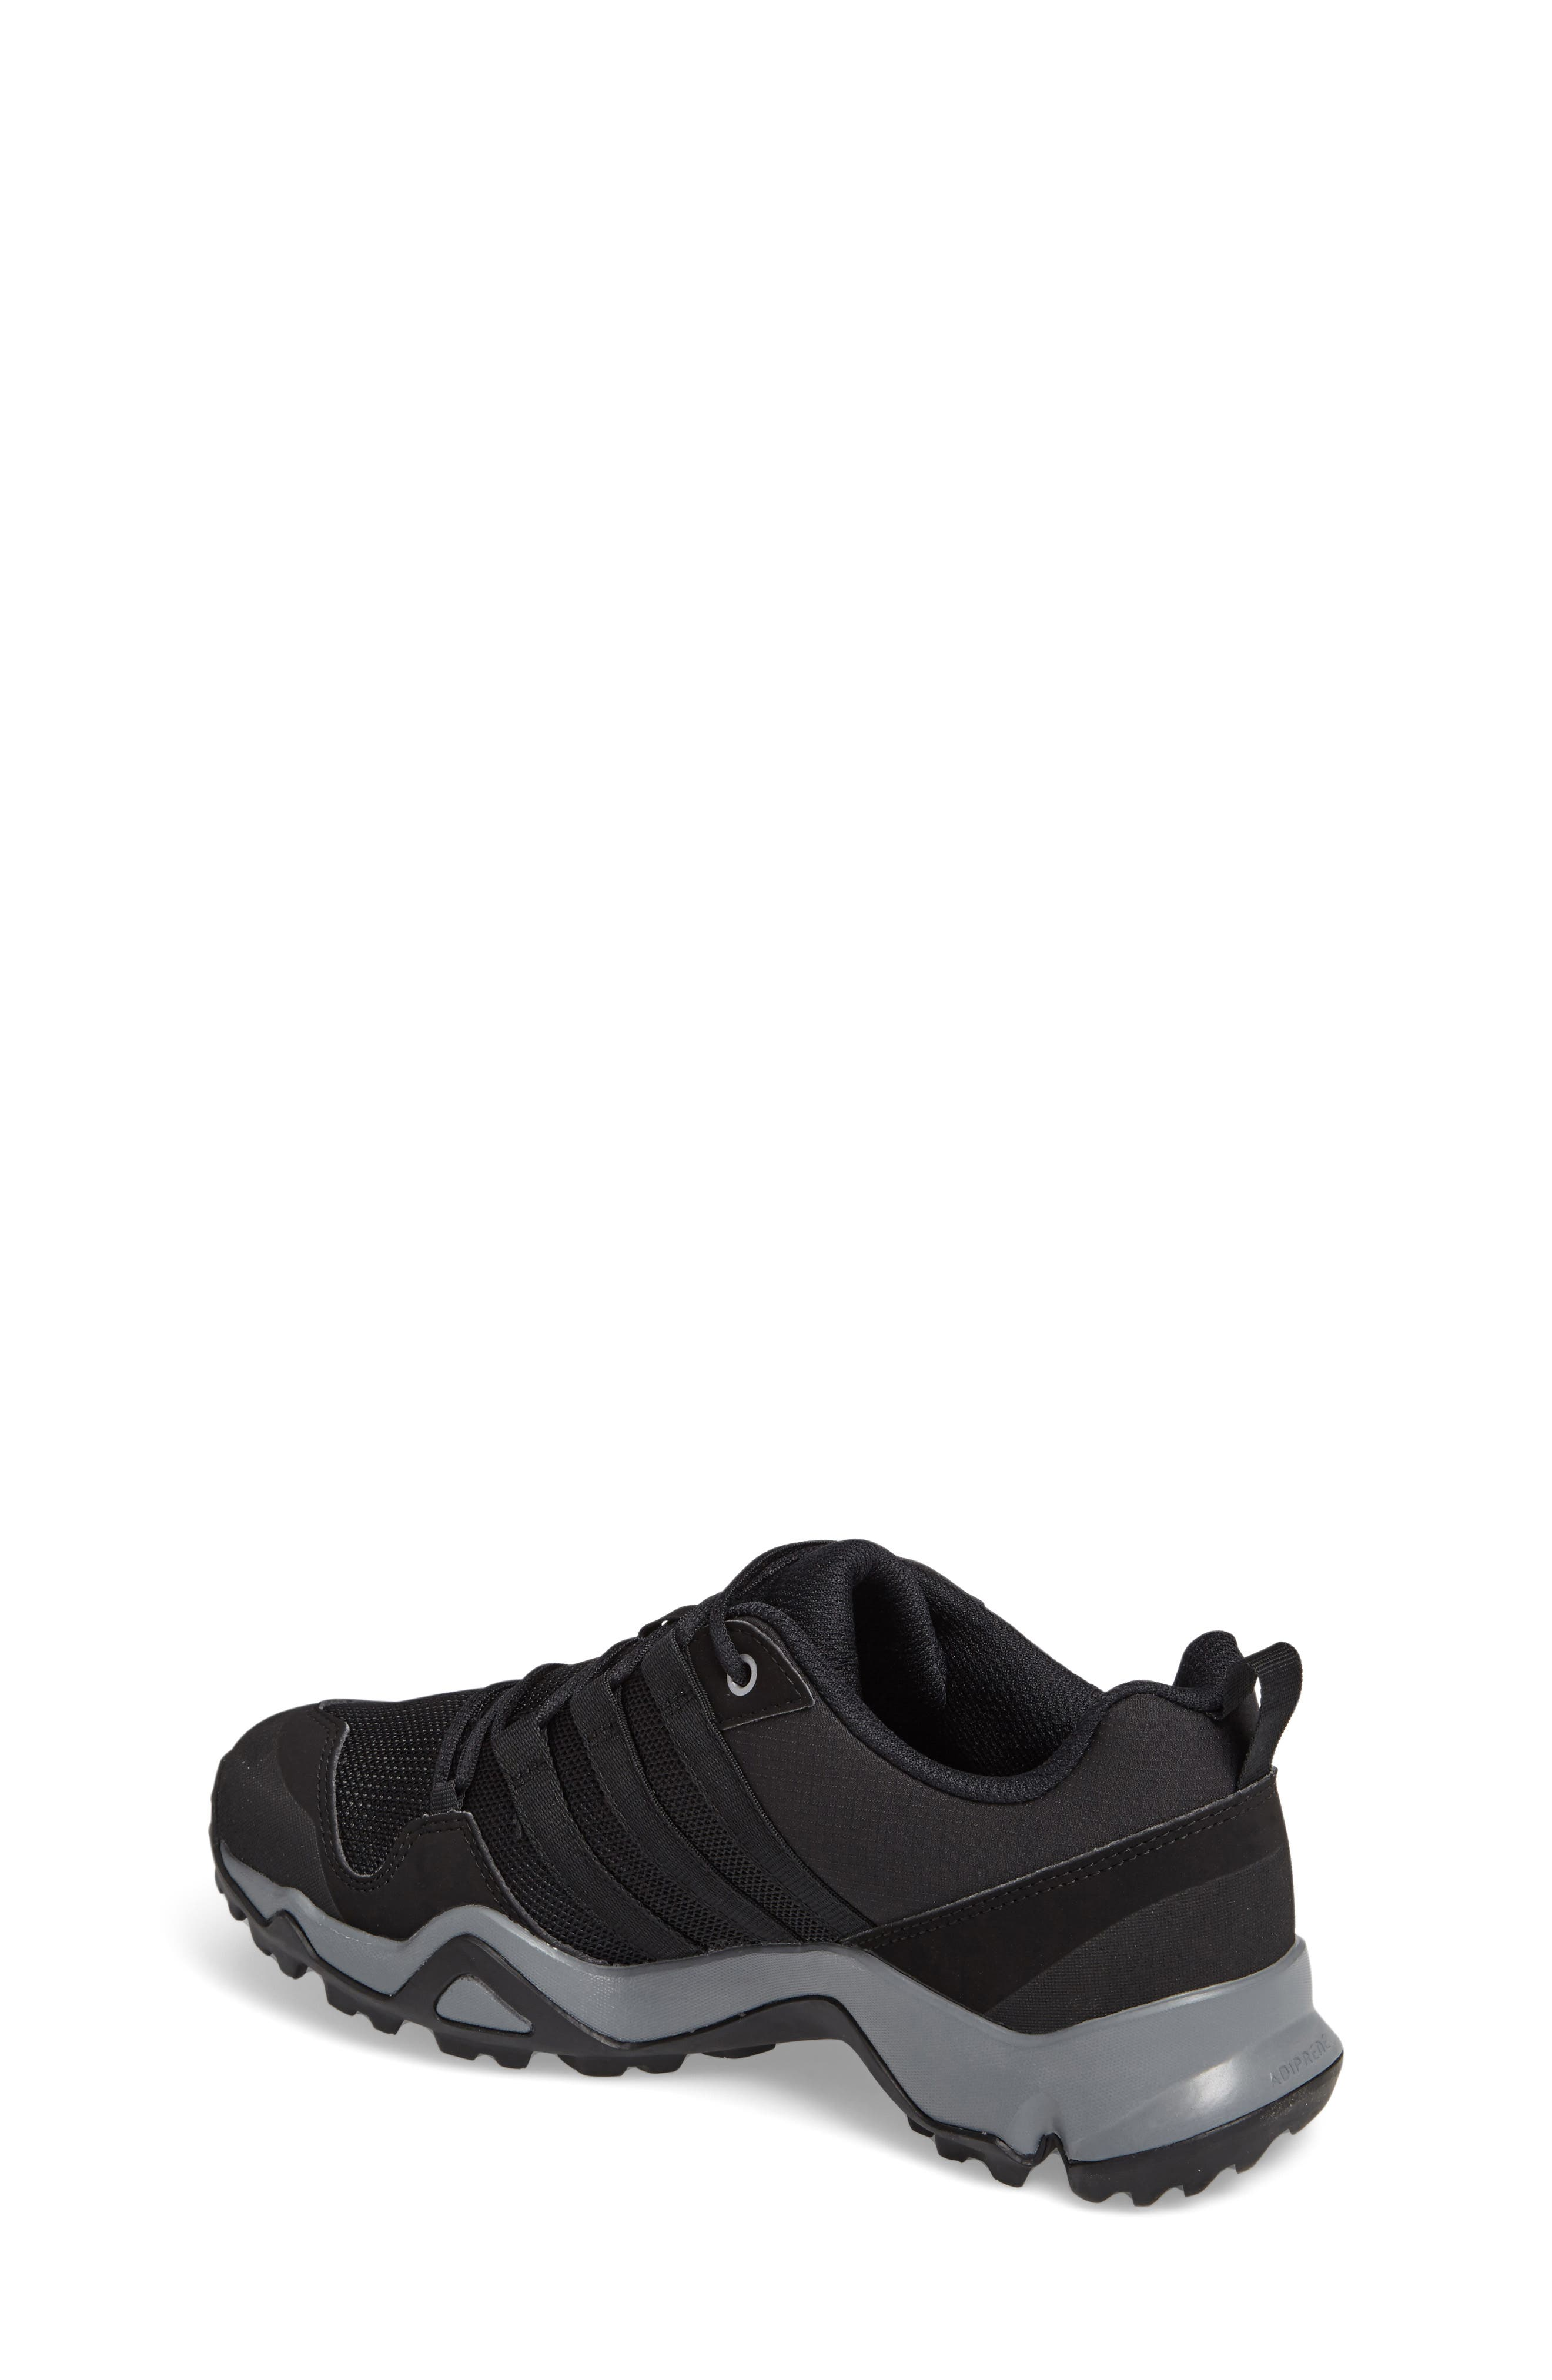 Alternate Image 2  - adidas Terrex AX2R Hiking Shoe (Toddler, Little Kid & Big Kid)